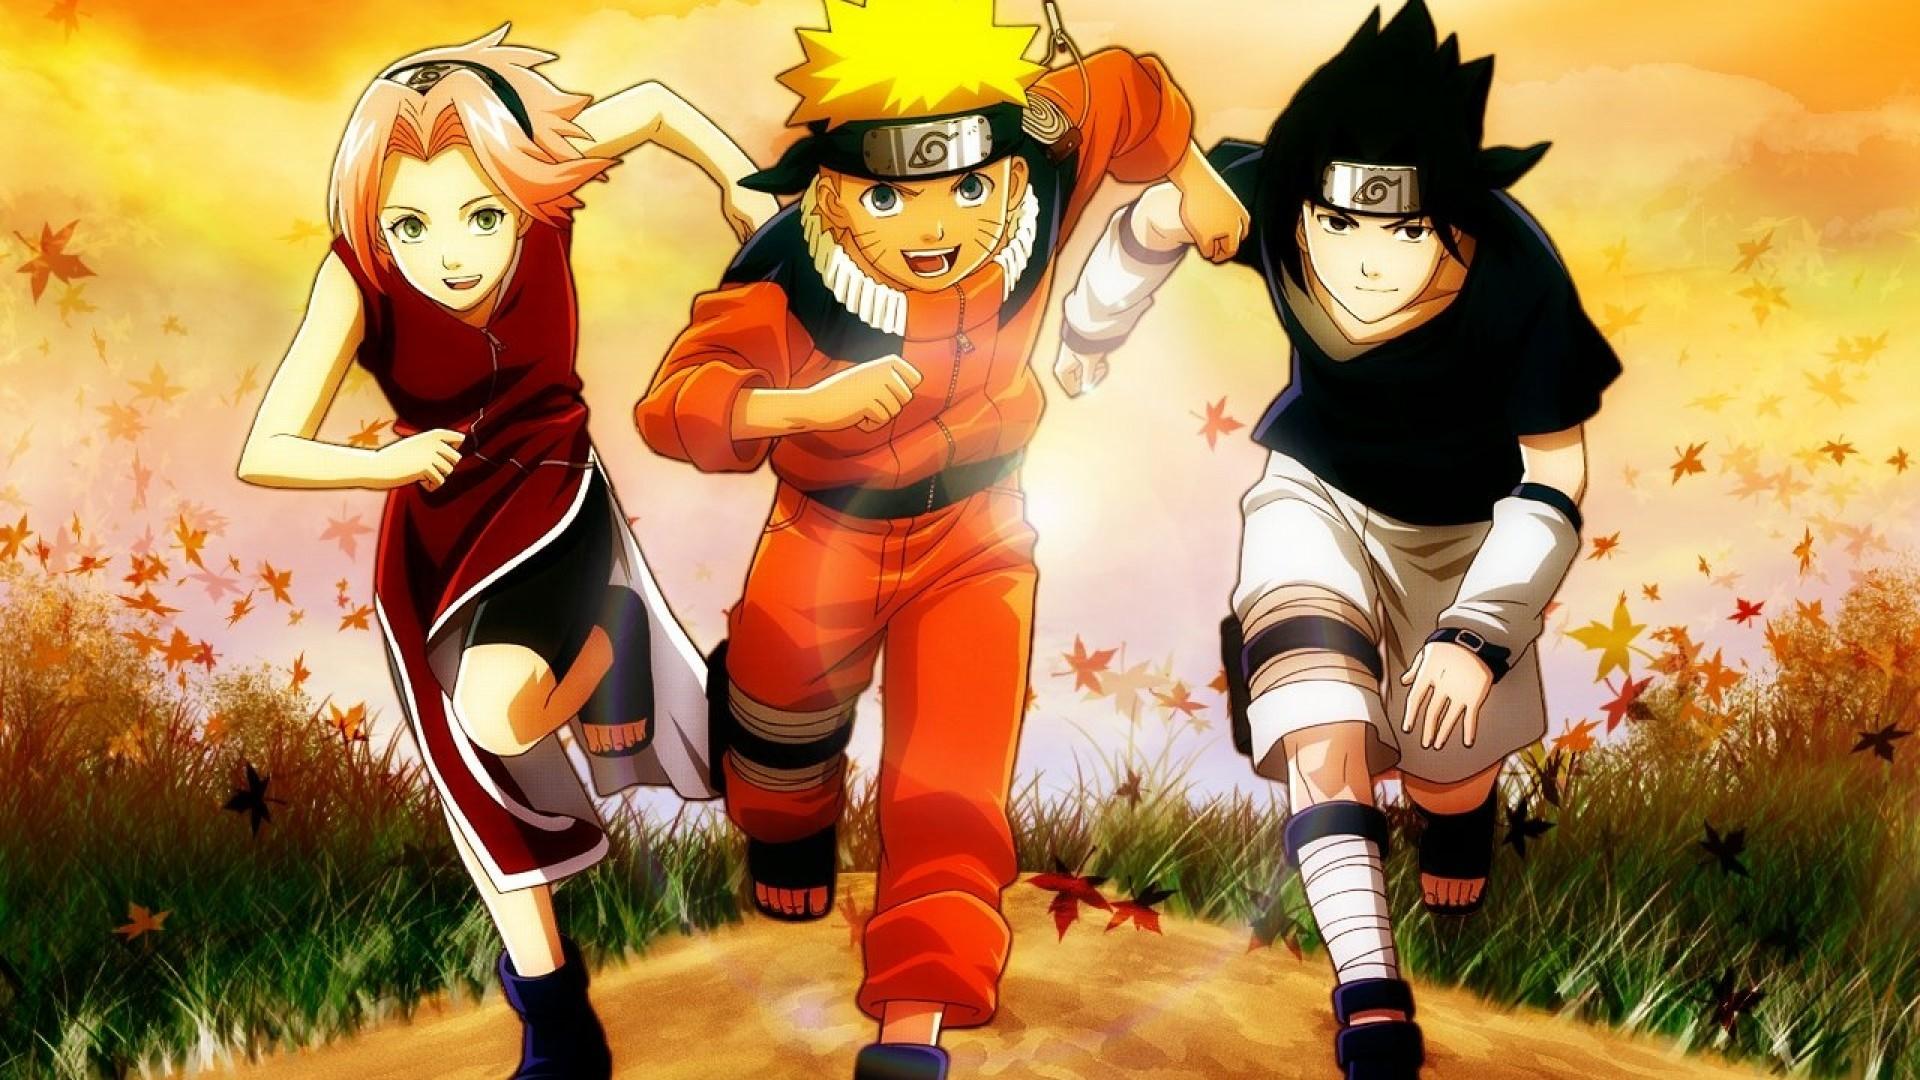 Naruto Cute Wallpaper ·① WallpaperTag